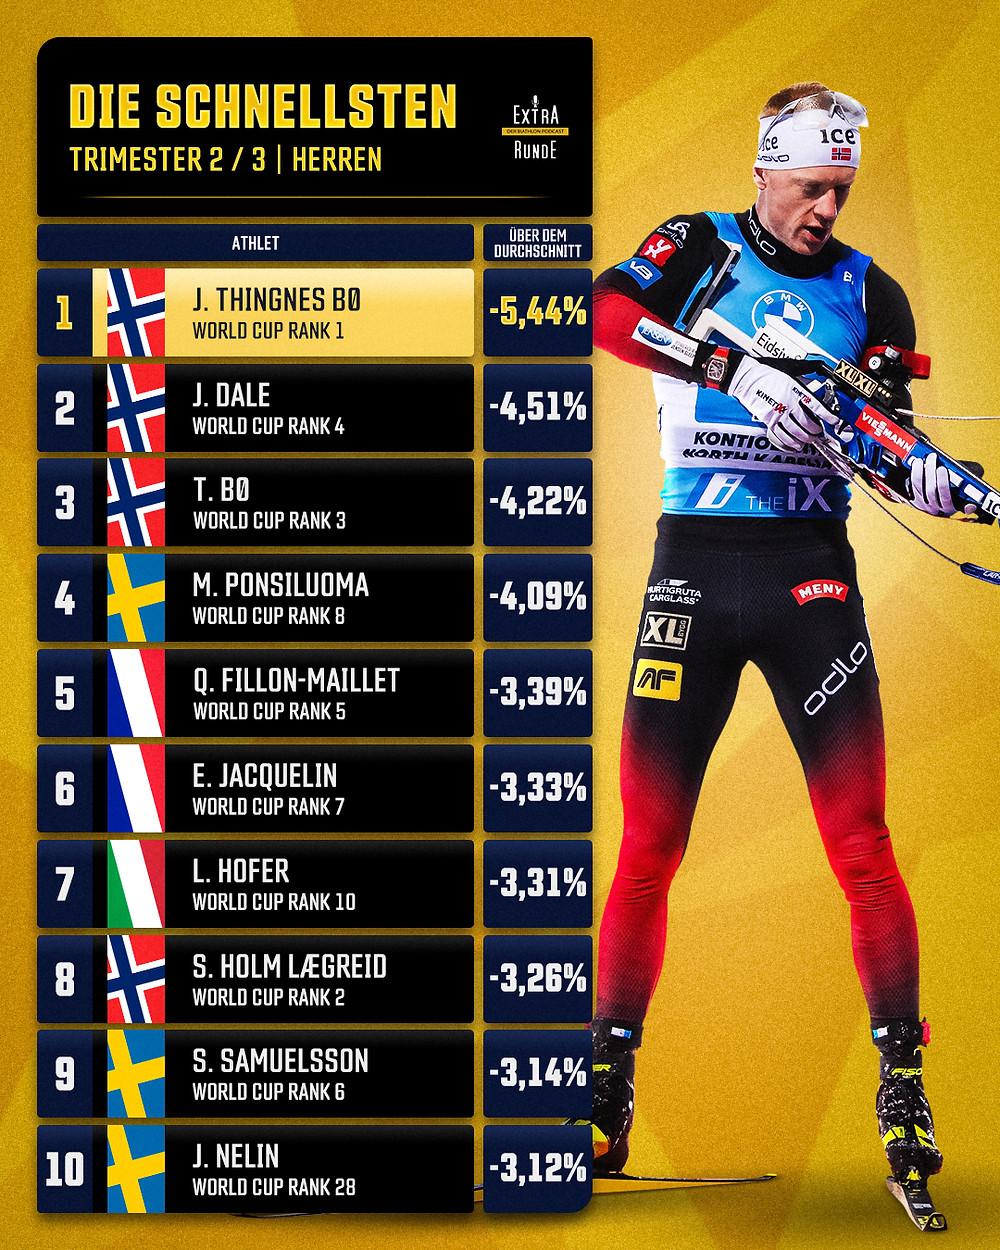 Laufleistung in Prozent der Biathlon Herren nach Trimester 2. Johannes Thingnes Boe an der Spitze, gefolgt von Teamkollegen Johannes Dale und Tarjei Boe